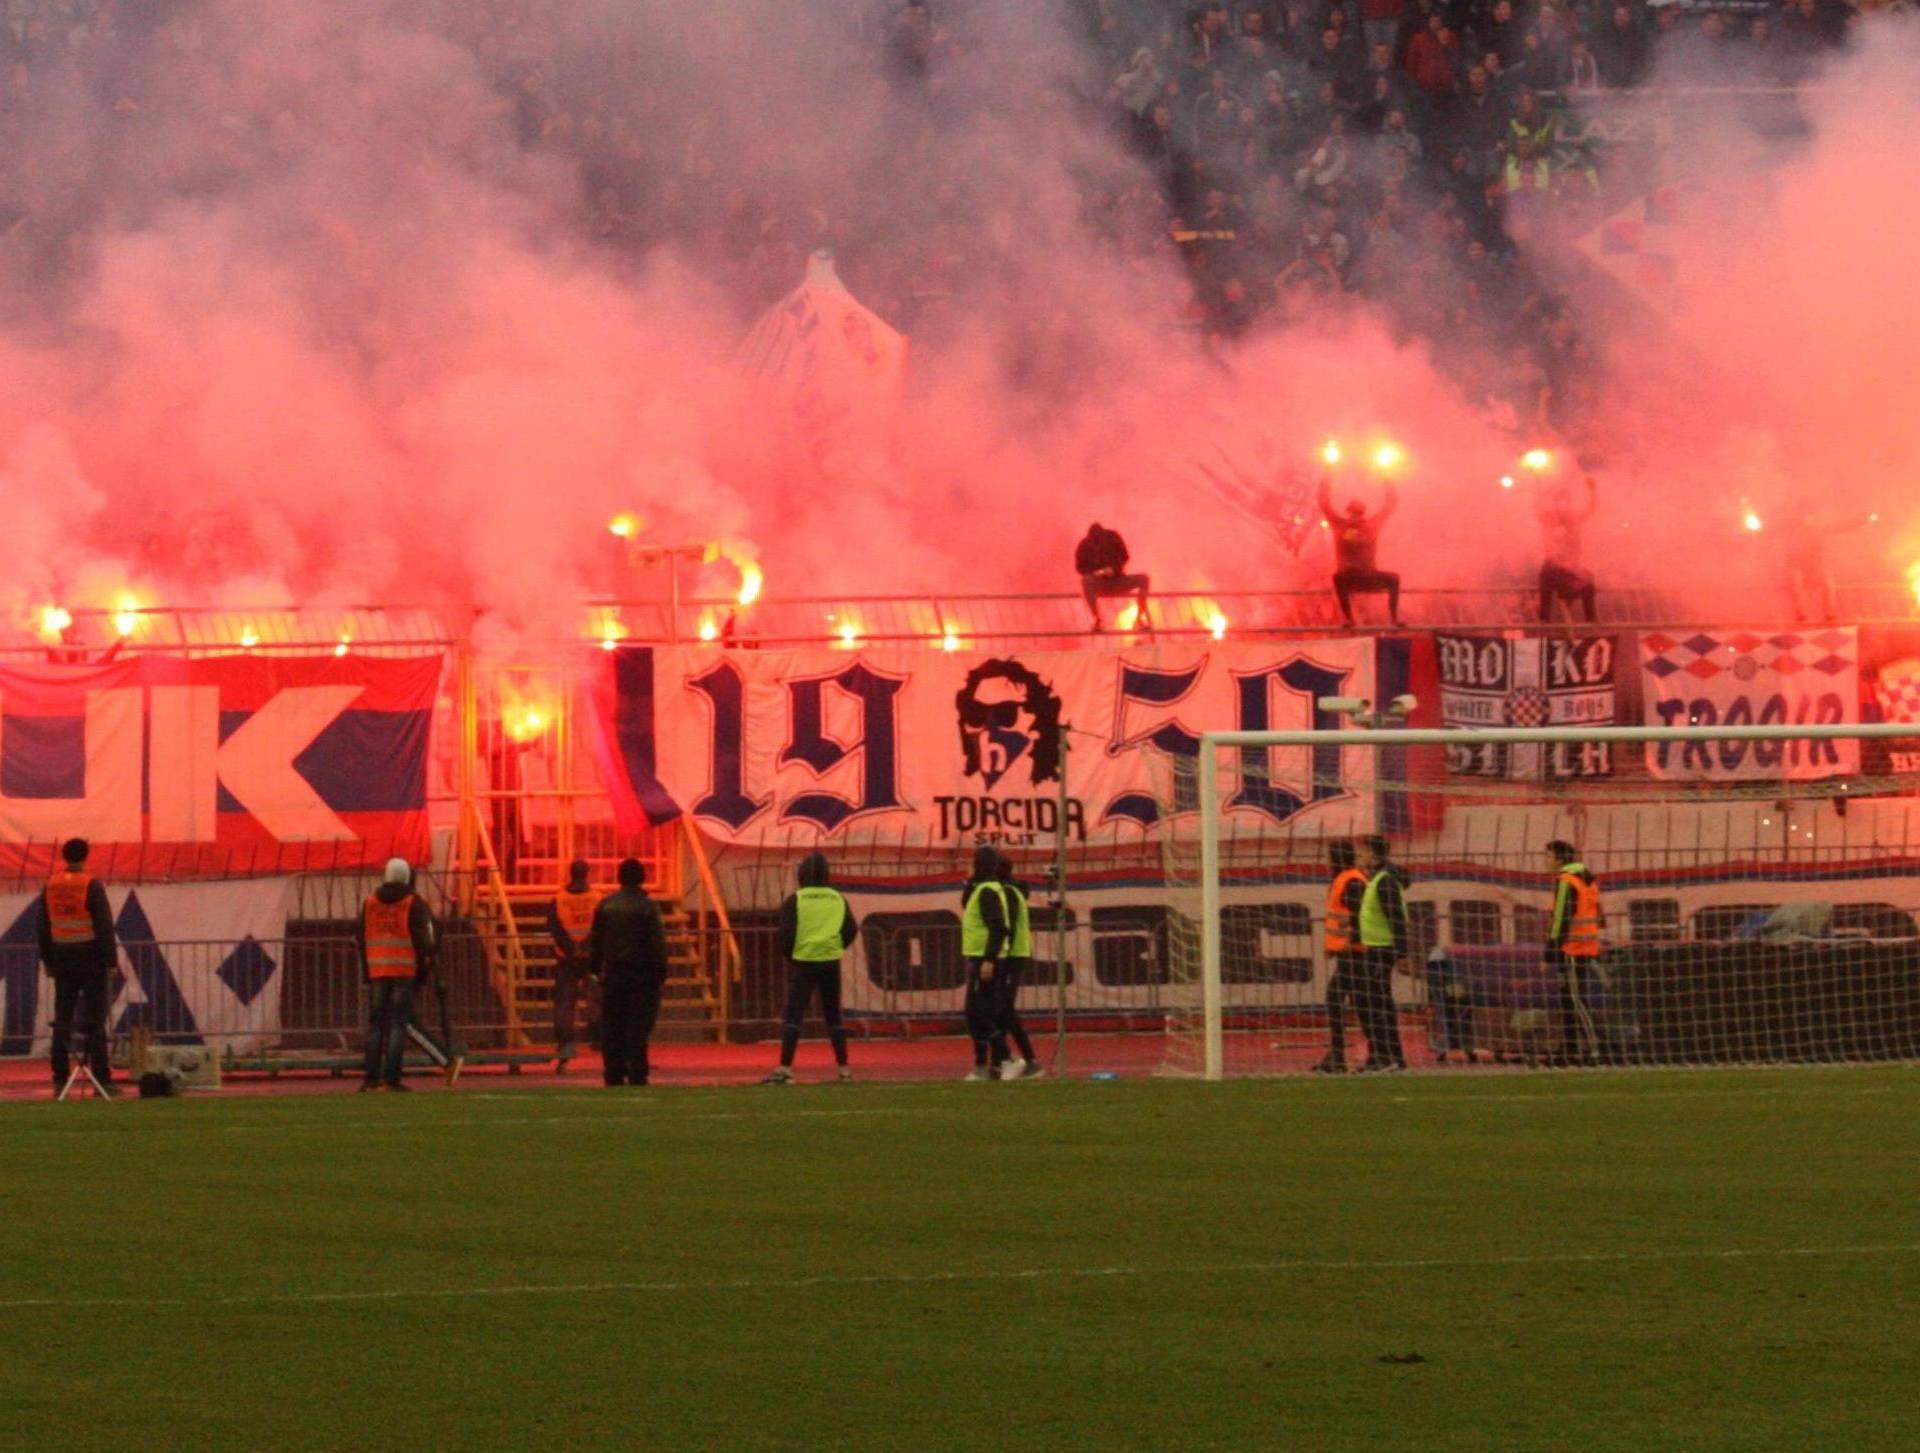 Uprava i igrači Hajduka neka razmisle za koga to igraju...